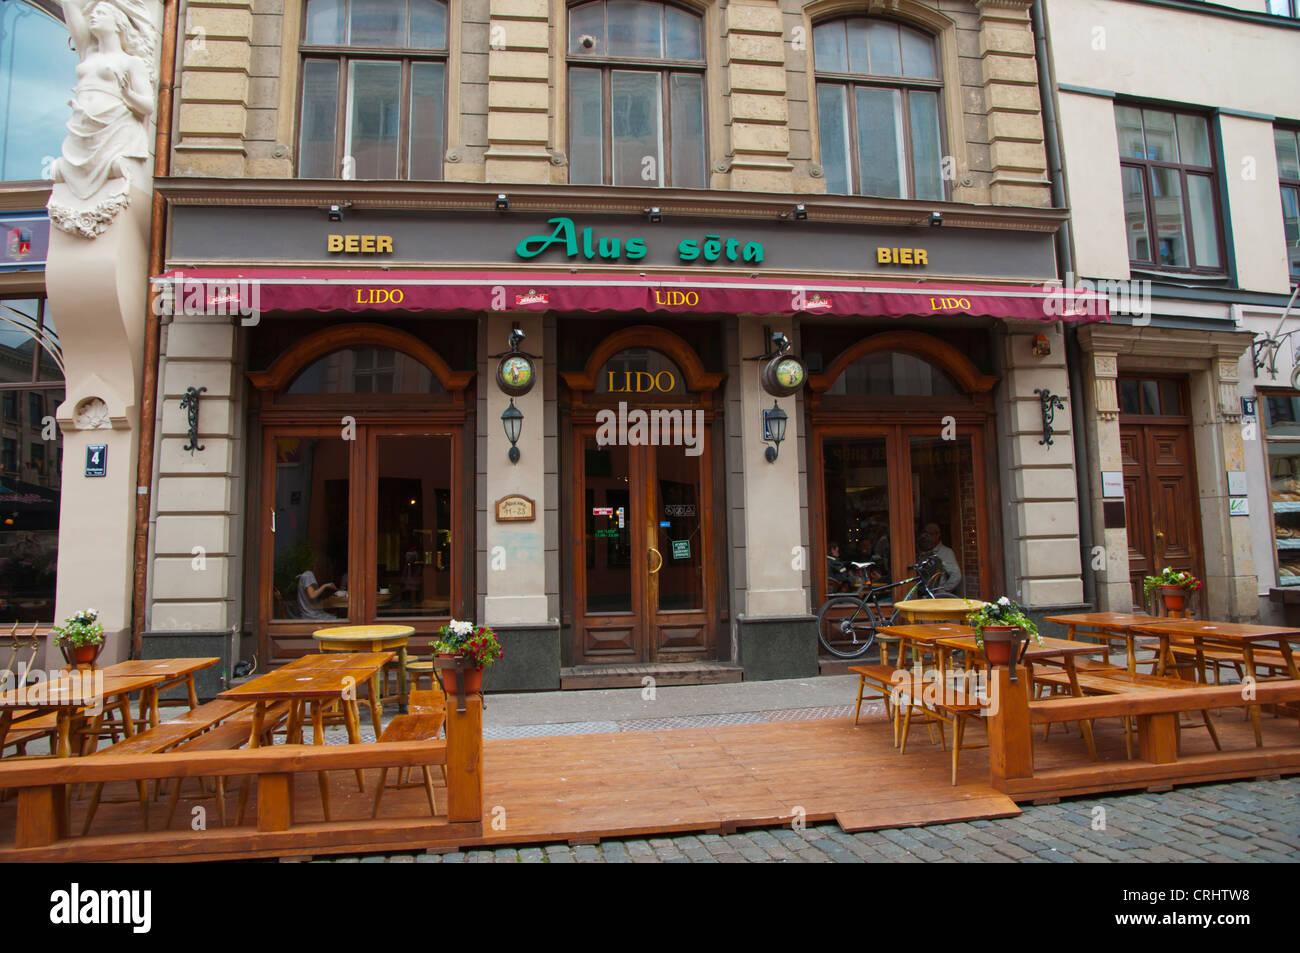 Lido Alu Seta self-service lettone tipico ristorante esteriore città vecchia Riga Lettonia Europa Immagini Stock